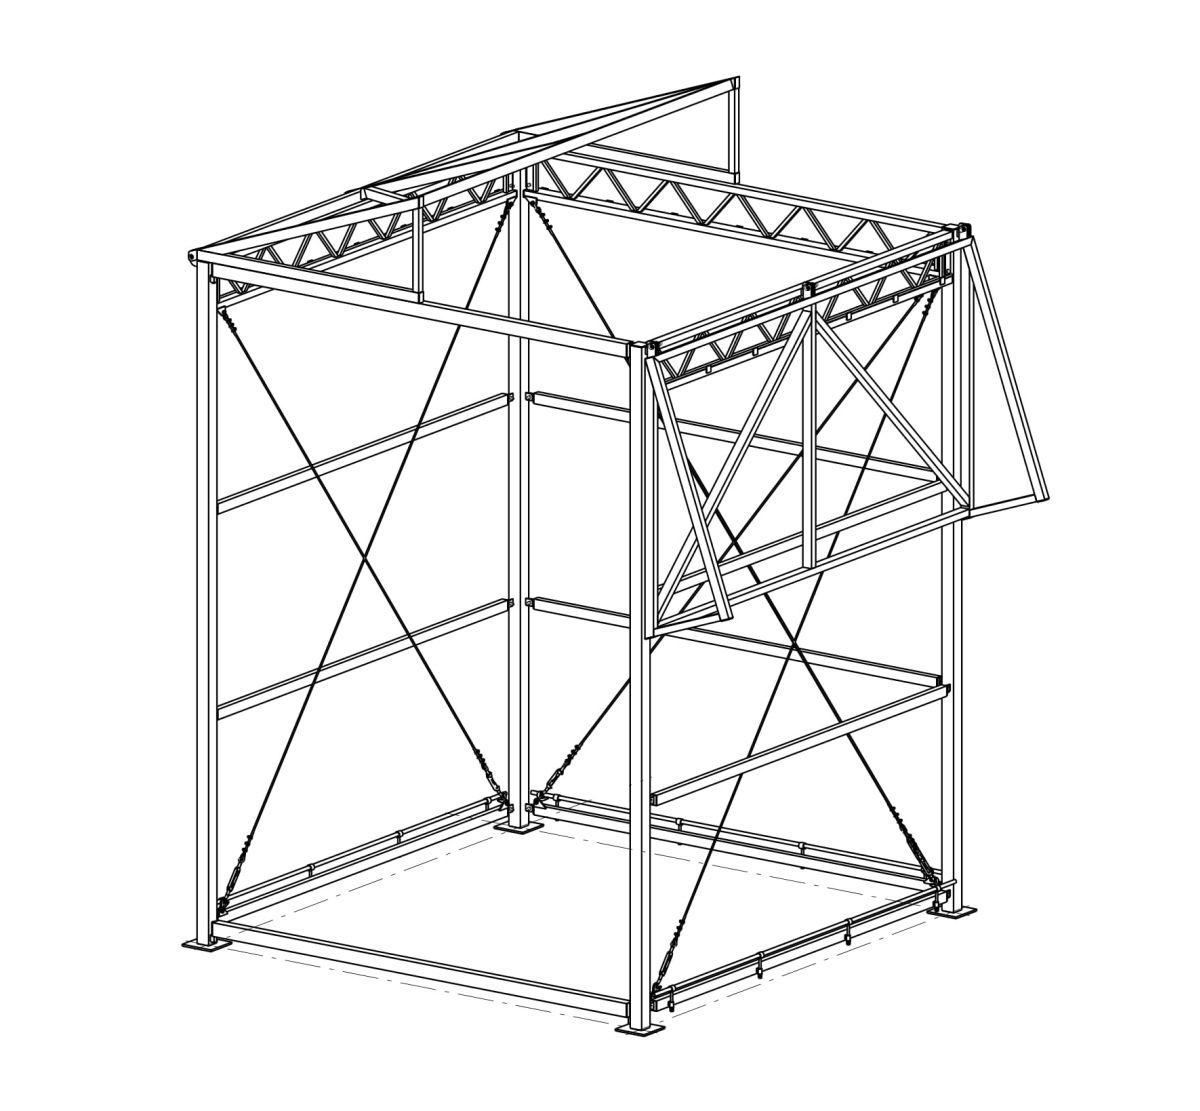 Схема промышленной палатки